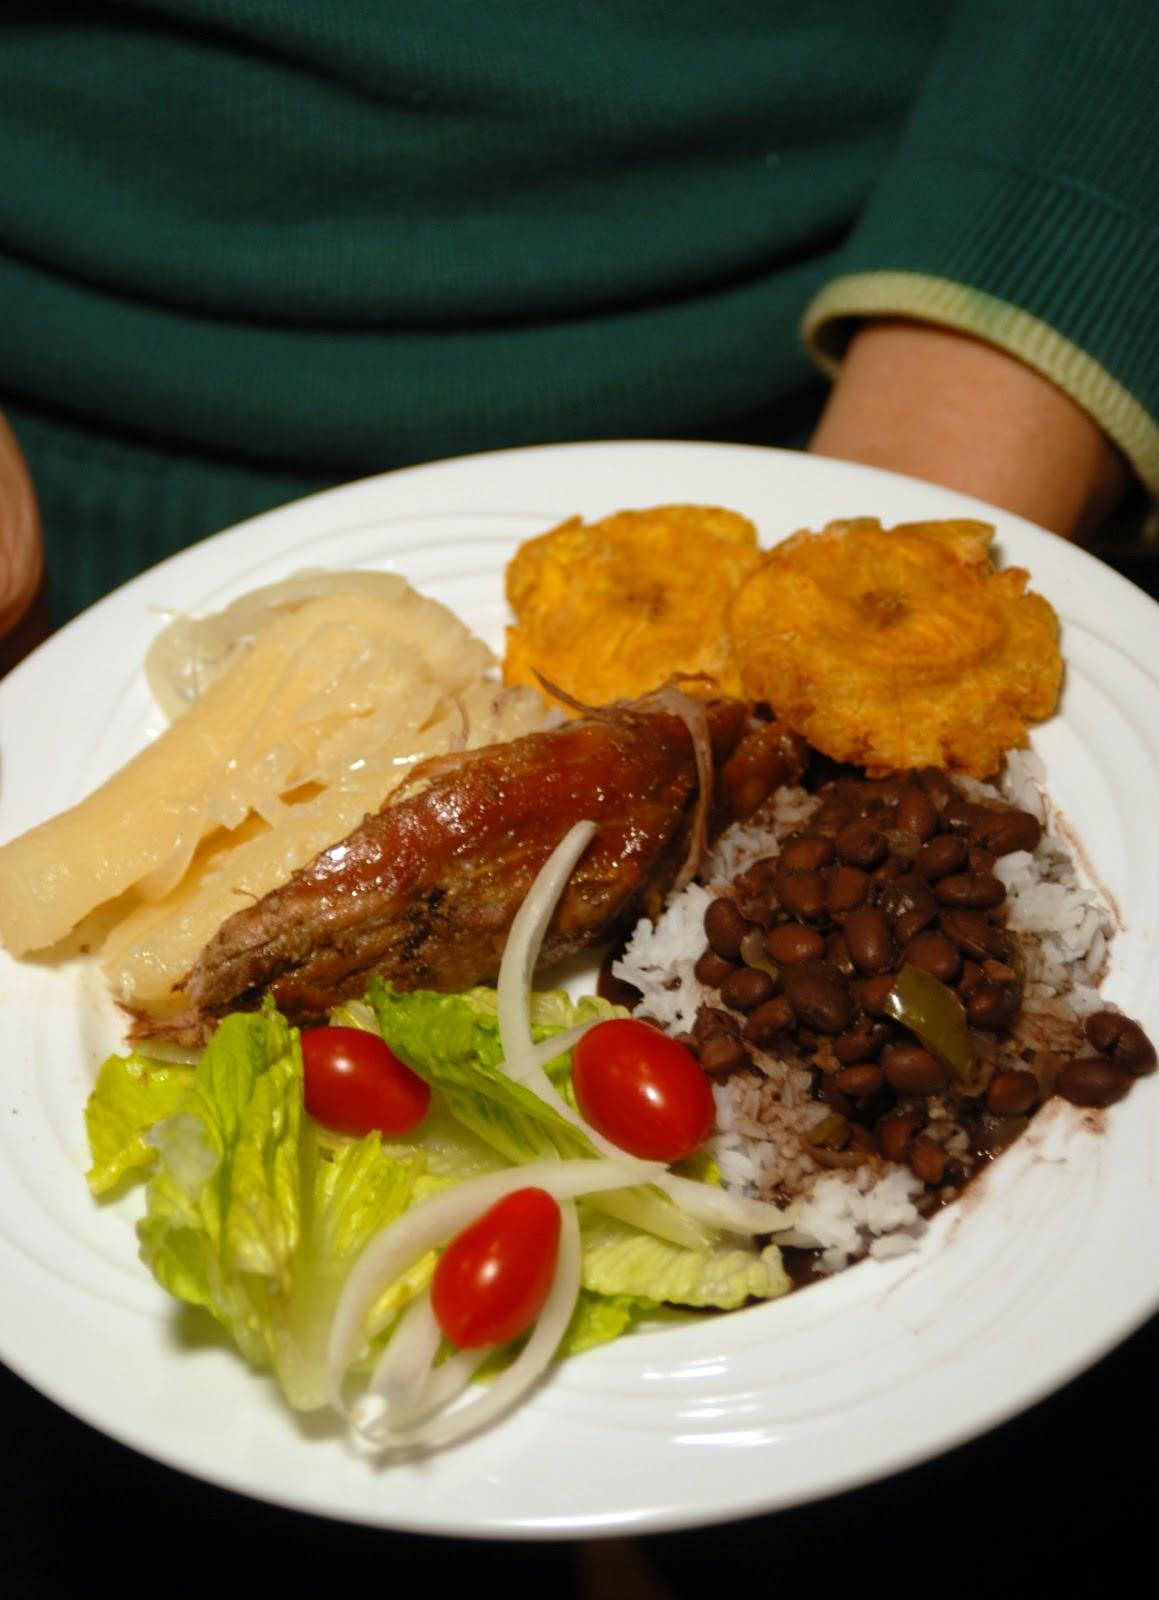 Lechon Asado Roasted Pork Y Nochebuena Mmmm Cuba